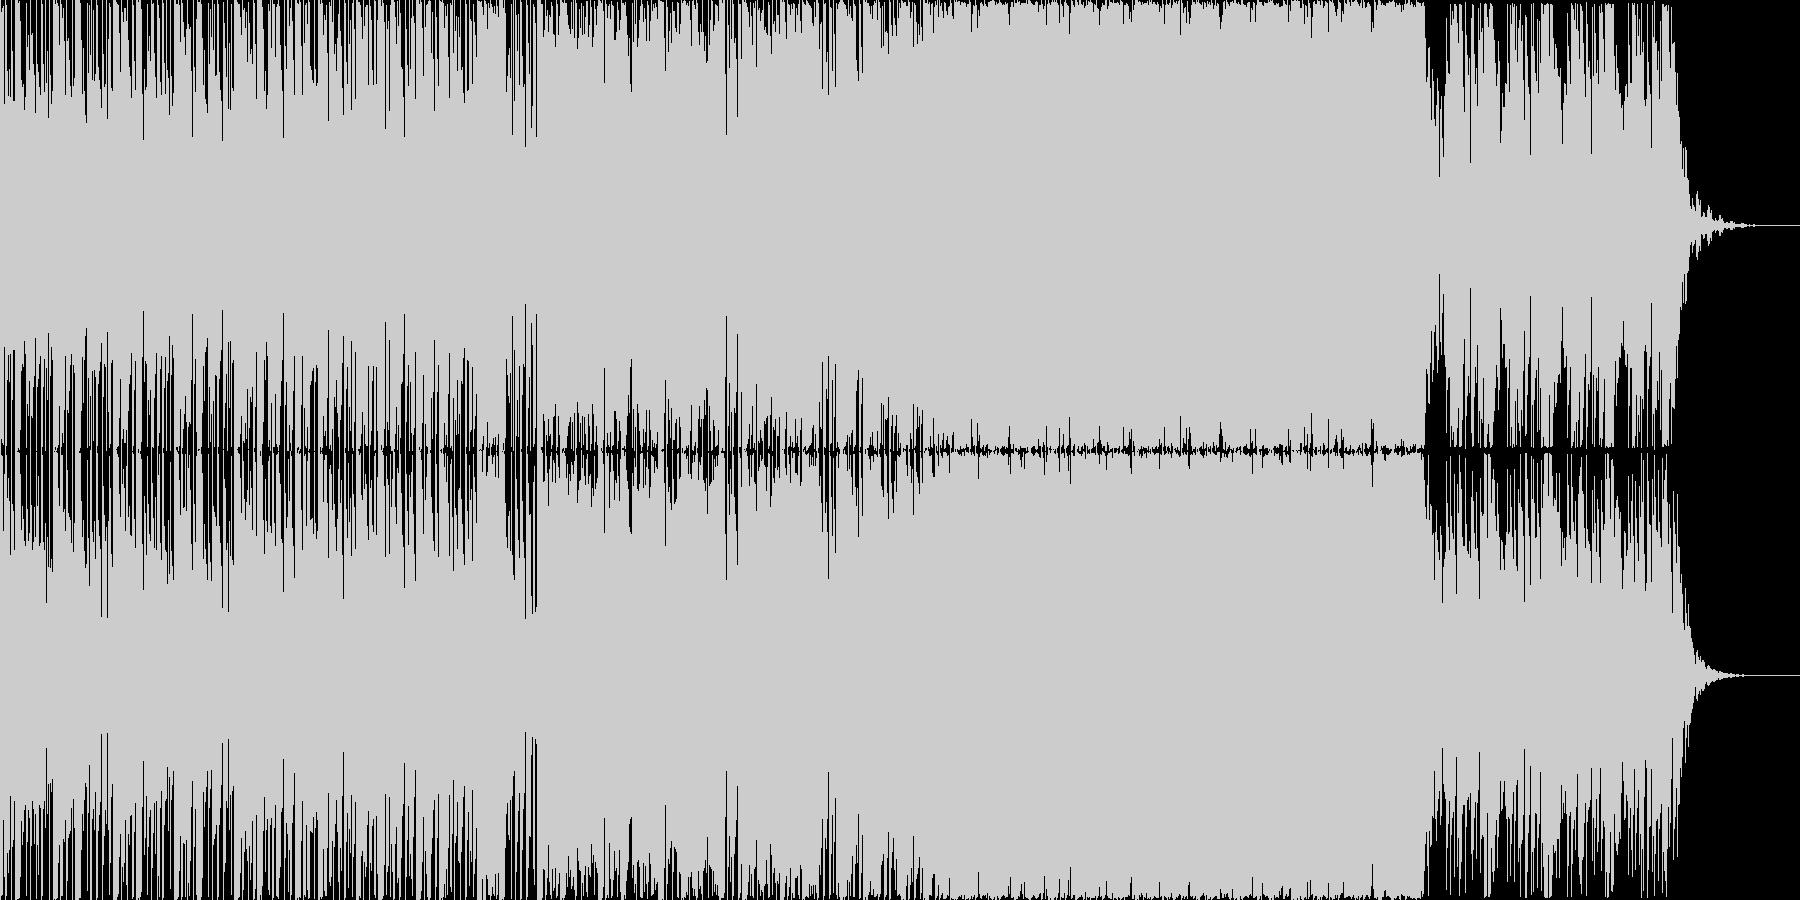 ビート上で奏でる浮遊感ある旋律の未再生の波形